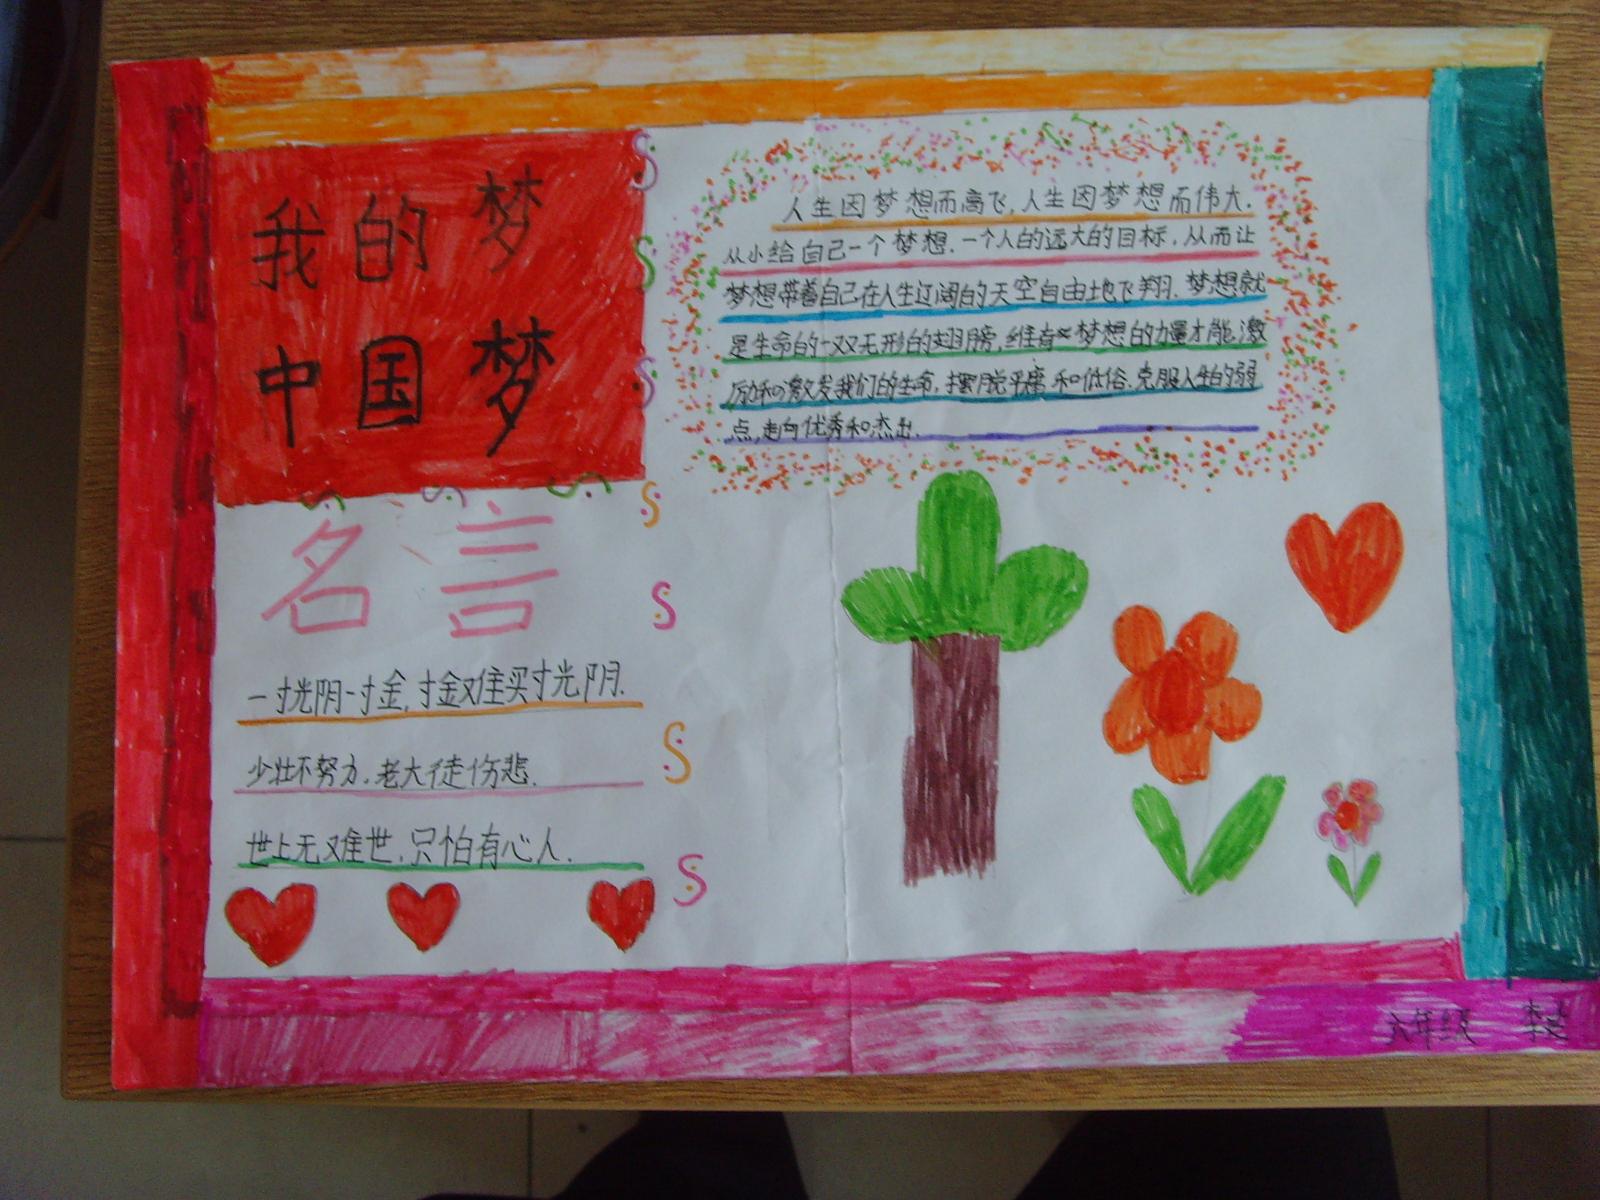 中国梦手抄报 - 红领巾相约中国梦动态上传